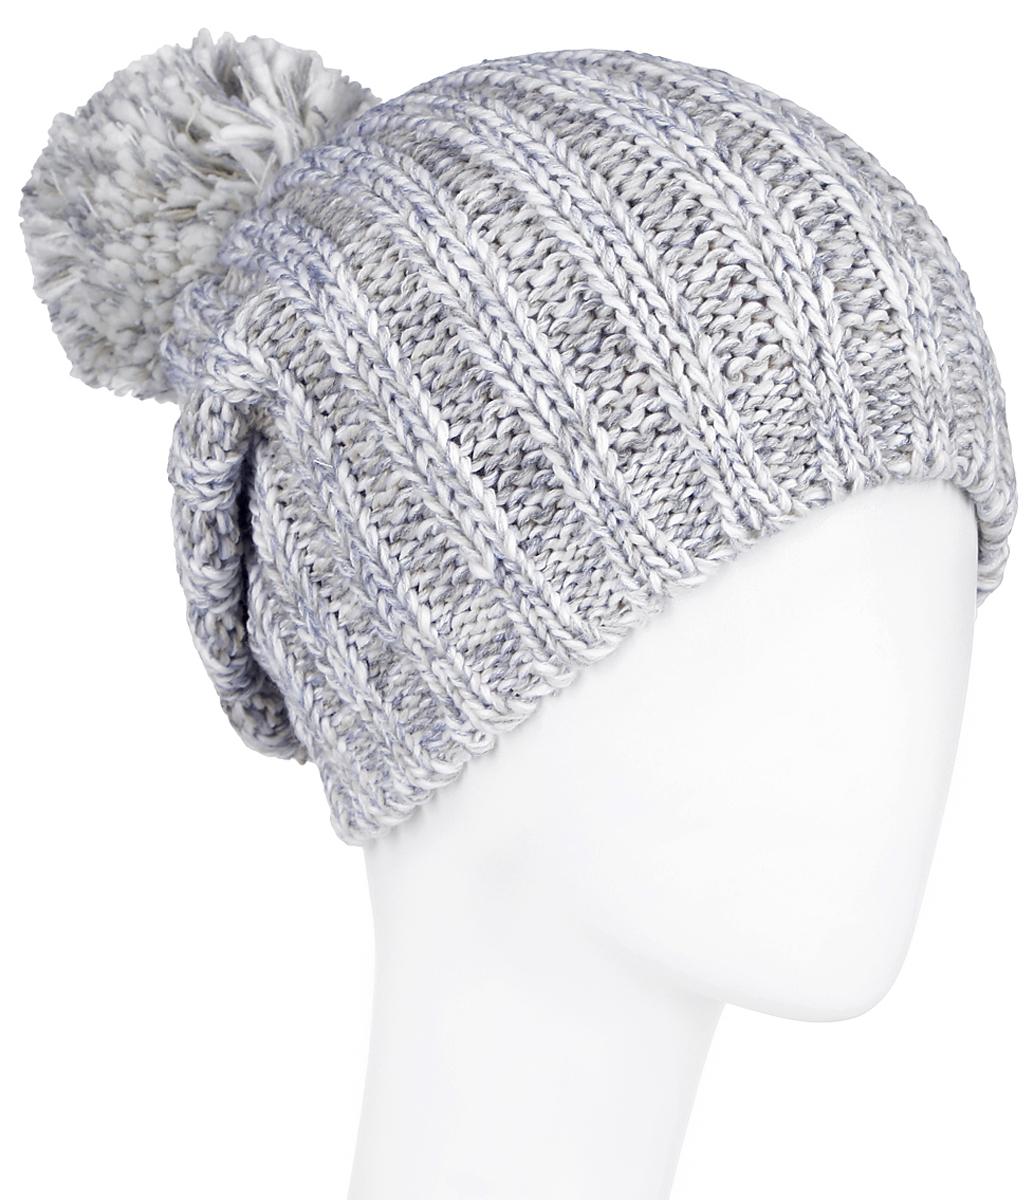 ШапкаA16-32121_201Стильная женская шапка Finn Flare дополнит ваш наряд и не позволит вам замерзнуть в холодное время года. Шапка выполнена из высококачественной, комбинированной пряжи, что позволяет ей великолепно сохранять тепло и обеспечивает высокую эластичность и удобство посадки. Изделие дополнено теплой флисовой подкладкой. Модель с удлиненной макушкой оформлена оригинальным узором и дополнена пушистым помпоном. Такая шапка станет модным и стильным дополнением вашего гардероба. Она согреет вас и позволит подчеркнуть свою индивидуальность! Уважаемые клиенты! Размер, доступный для заказа, является обхватом головы.